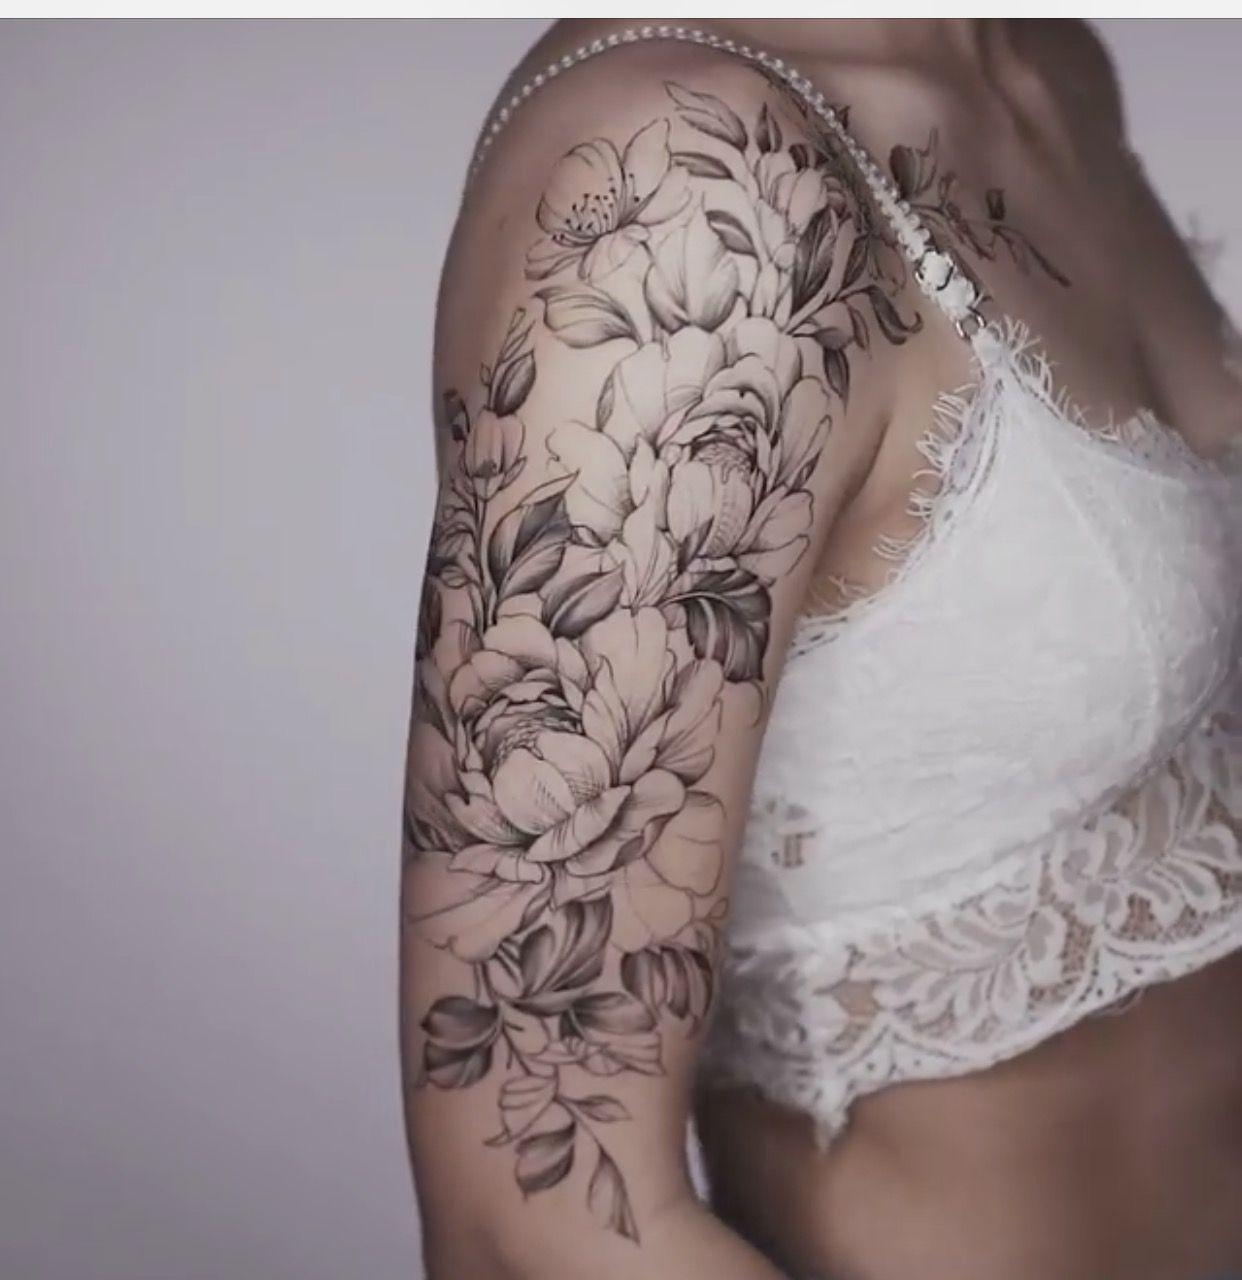 Tattoo Tattoosideas Tattooart Upper Half Sleeve Tattoos